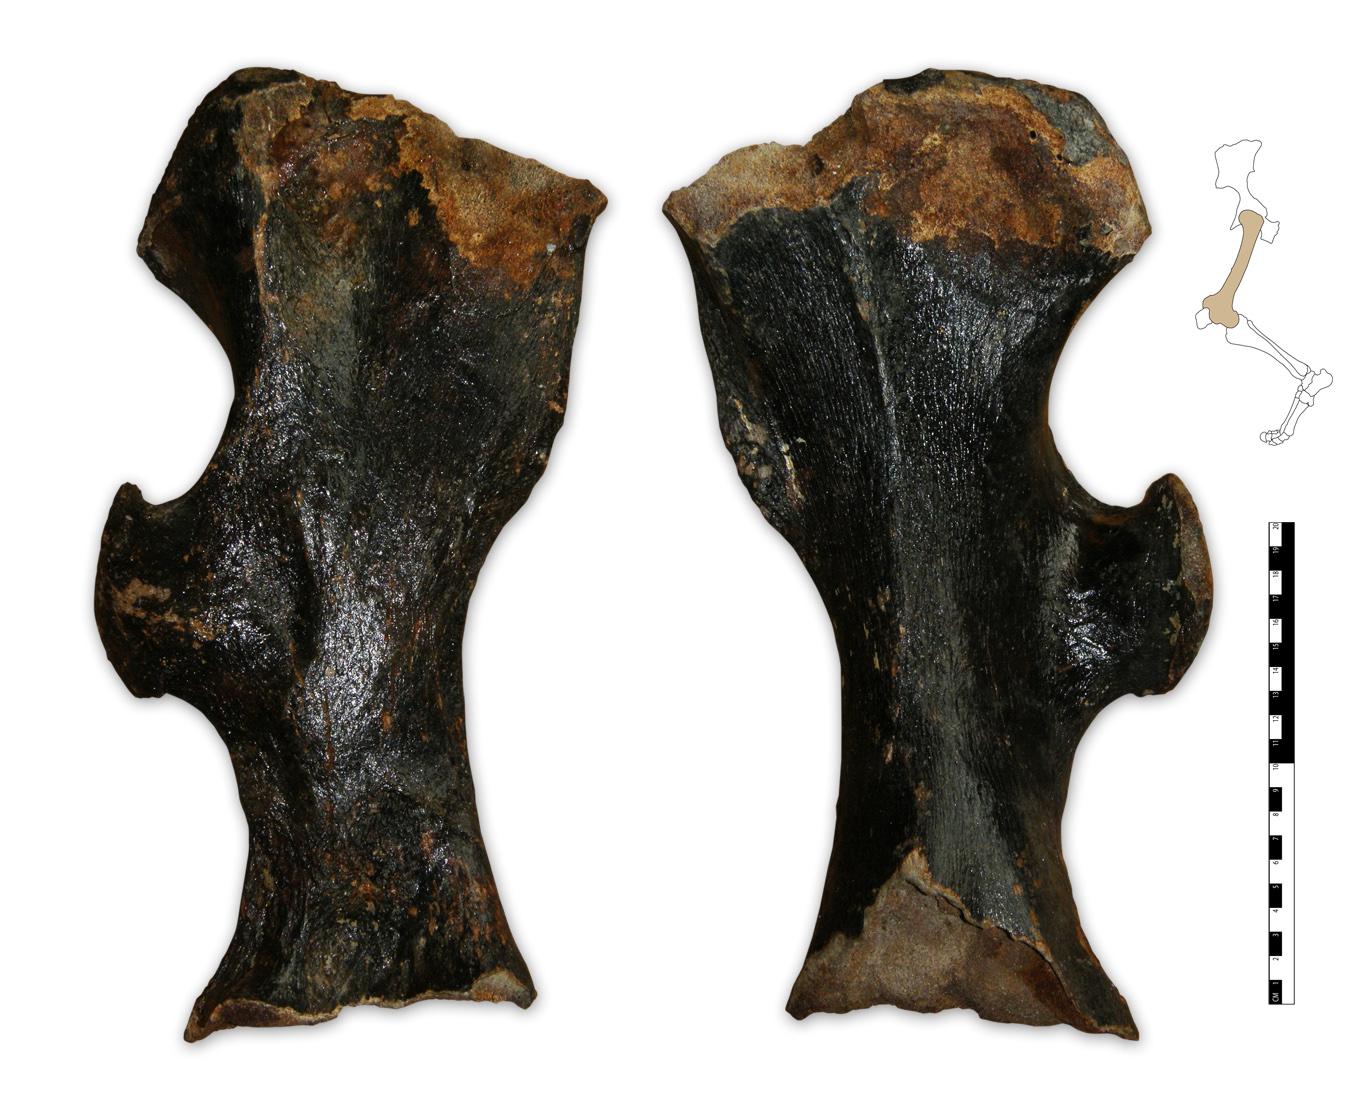 Coelodonta antiquitatis femur